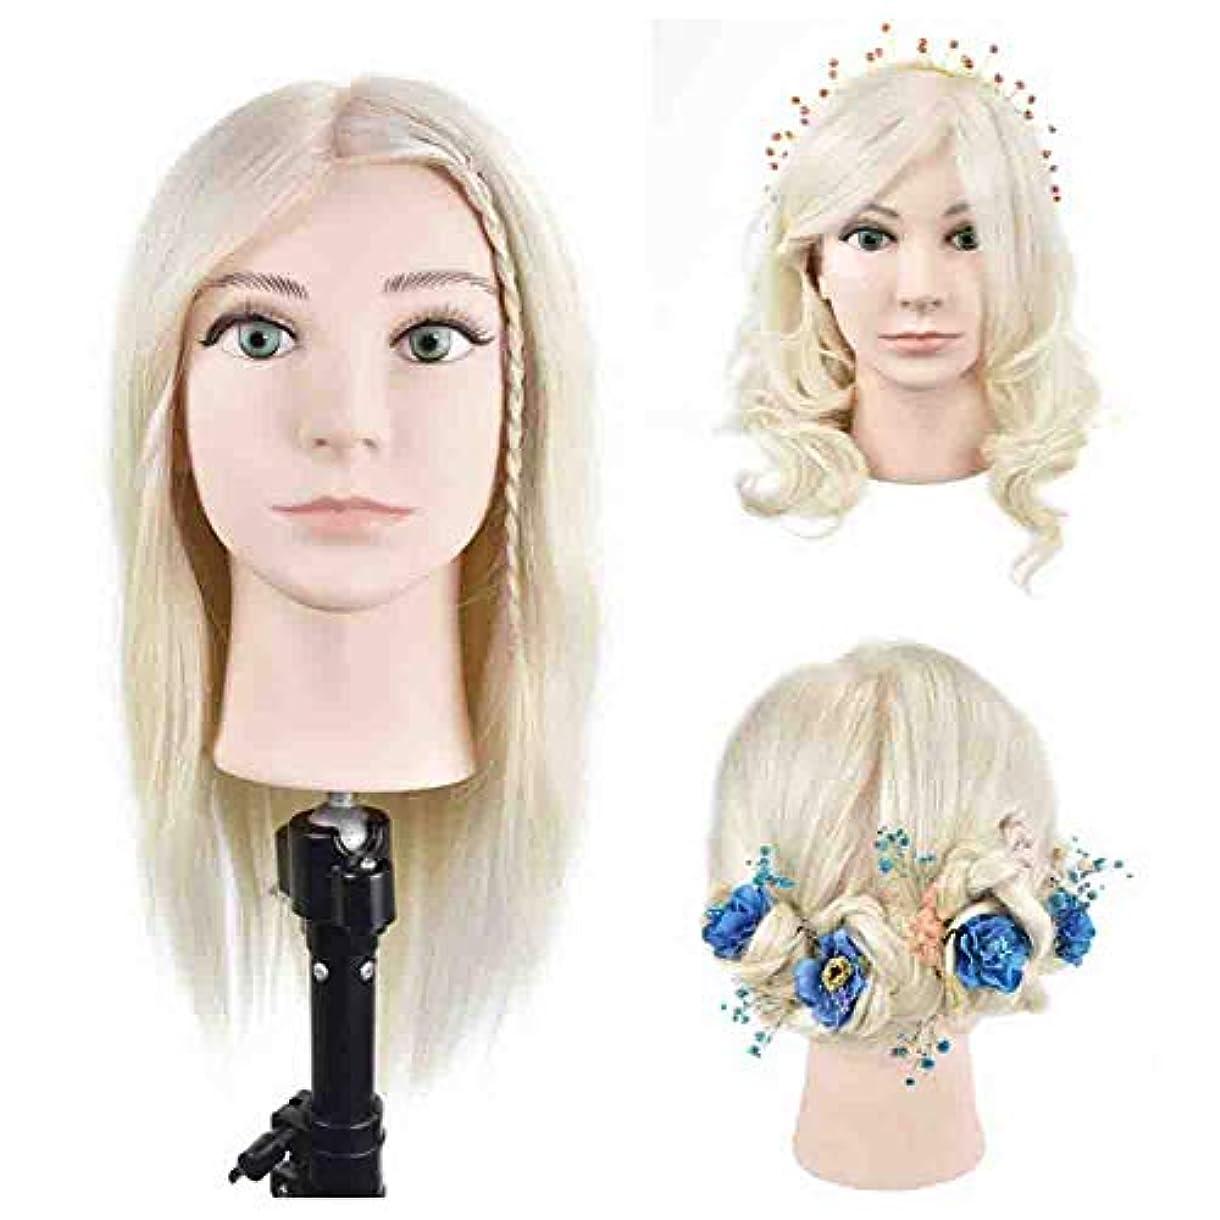 権利を与えるする必要がある巻き取りサロン散髪練習ヘッドモデルメイク学校編組髪開発学習モデルヘッドヘアストレートロングかつら